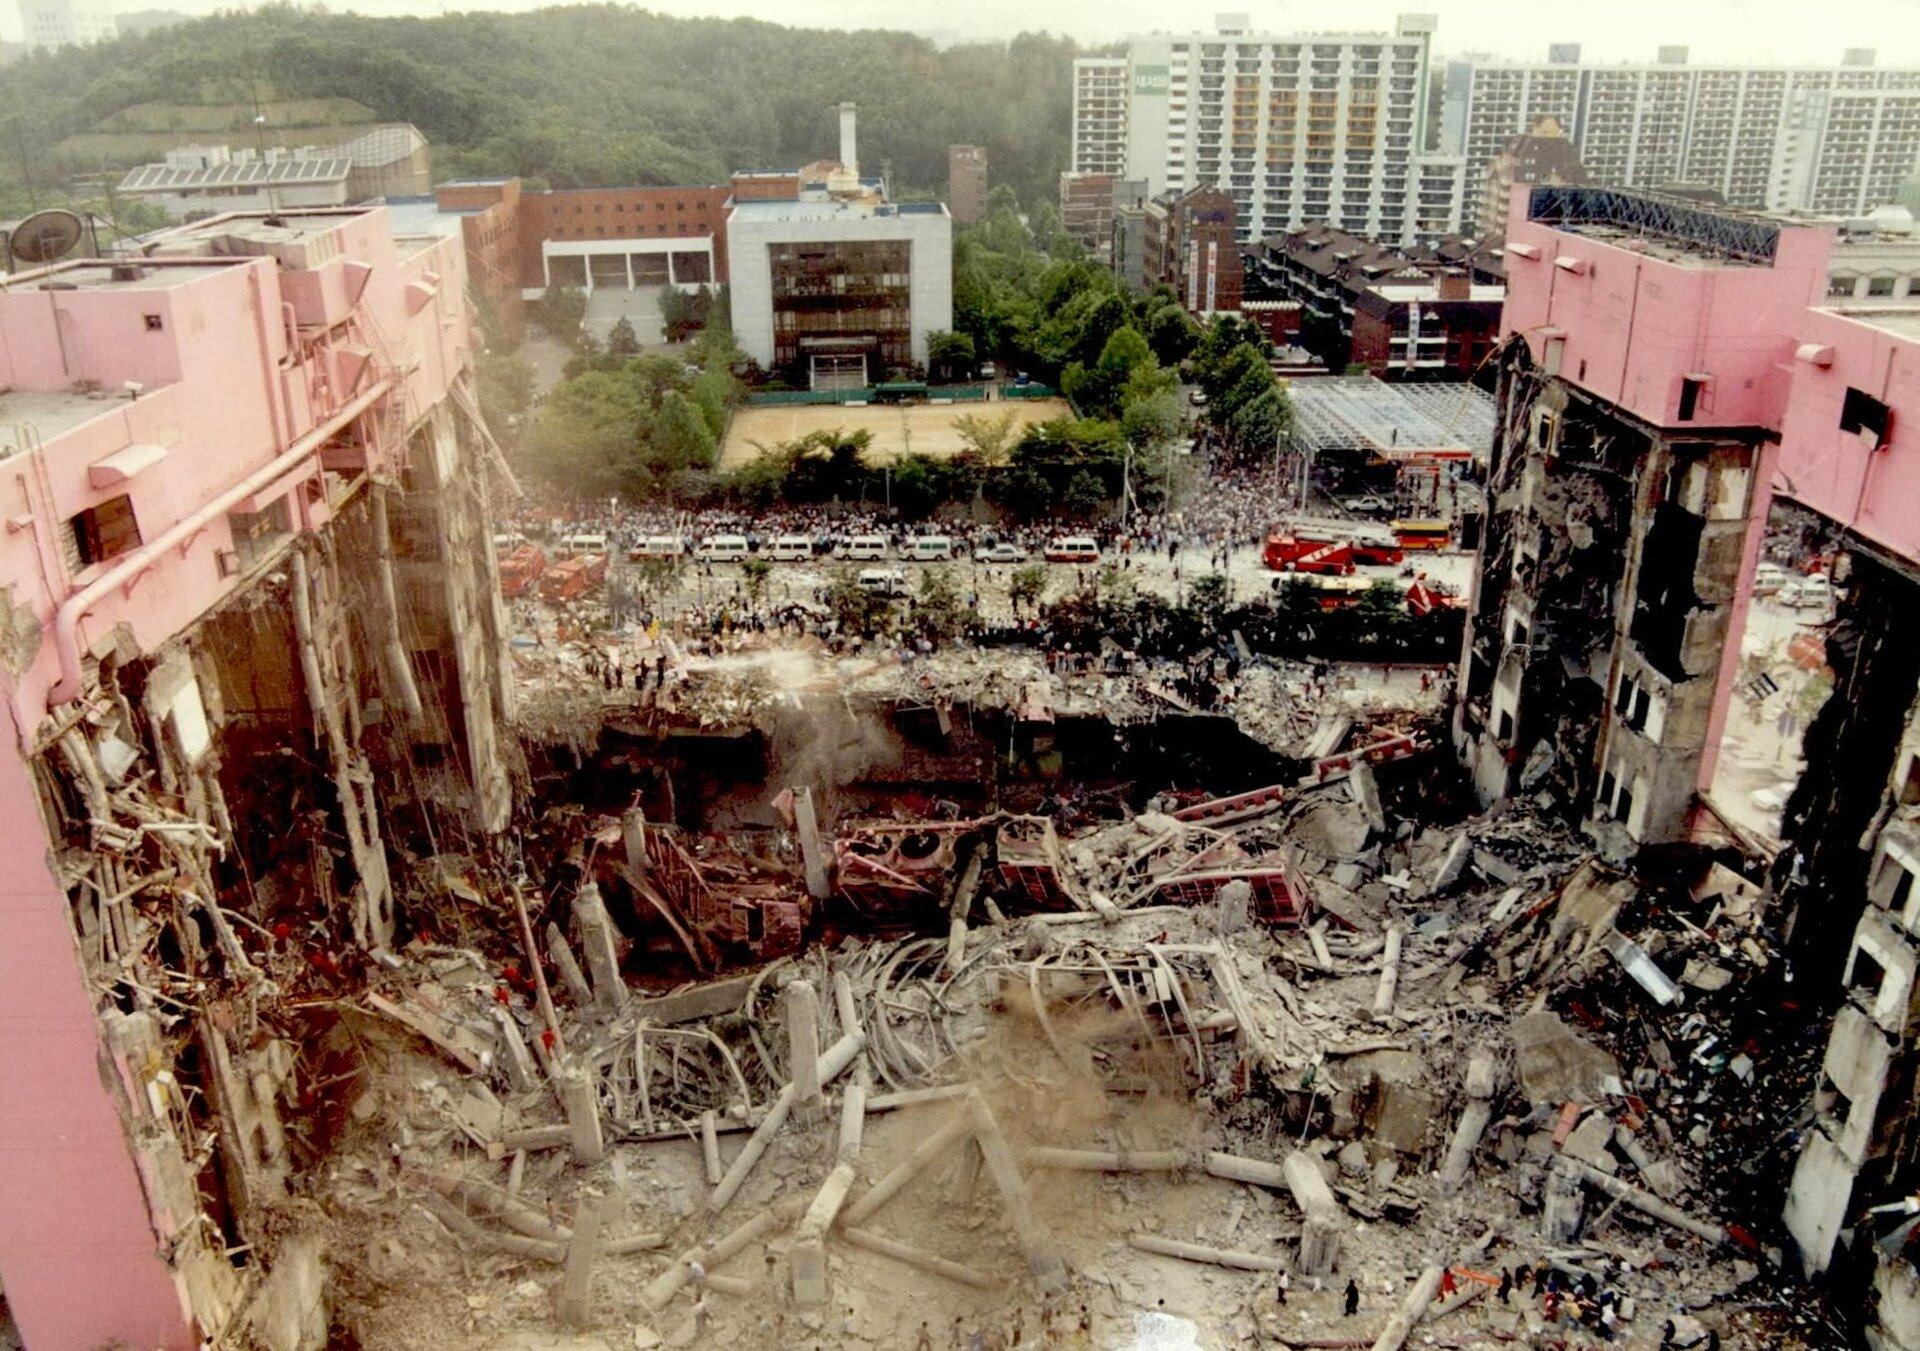 Zdjęcie przedstawia efekty katastrofy wgalerii handlowej wSeulu. Na pierwszym planie całkowicie zniszczona wewnętrzna część budynku galerii handlowej. Pięć pięter galerii zapadło się, pozostawiając jedynie widoczne na zdjęciu kawałki filarów zbetonu iowalnie zwinięte resztki stropów. Wokół ruiny pozostałych pięter wbocznych ścianach budynku. Na bocznych ścianach ocalałych skrzydeł zwisają części budynku. Udołu kadru oraz wtle sceny ludzie. Grupy osób przeszukują zgliszcza budynku, wtle, za zgliszczami, ulica imiasto. Na ulicy setki osób przyglądających się. Wzdłuż chodnika ustawione karetki pogotowia. Na prawo od karetek samochód straży pożarnej – jeden zwielu obecnych wkadrze, lecz najbardziej wyraźny ikompletny.